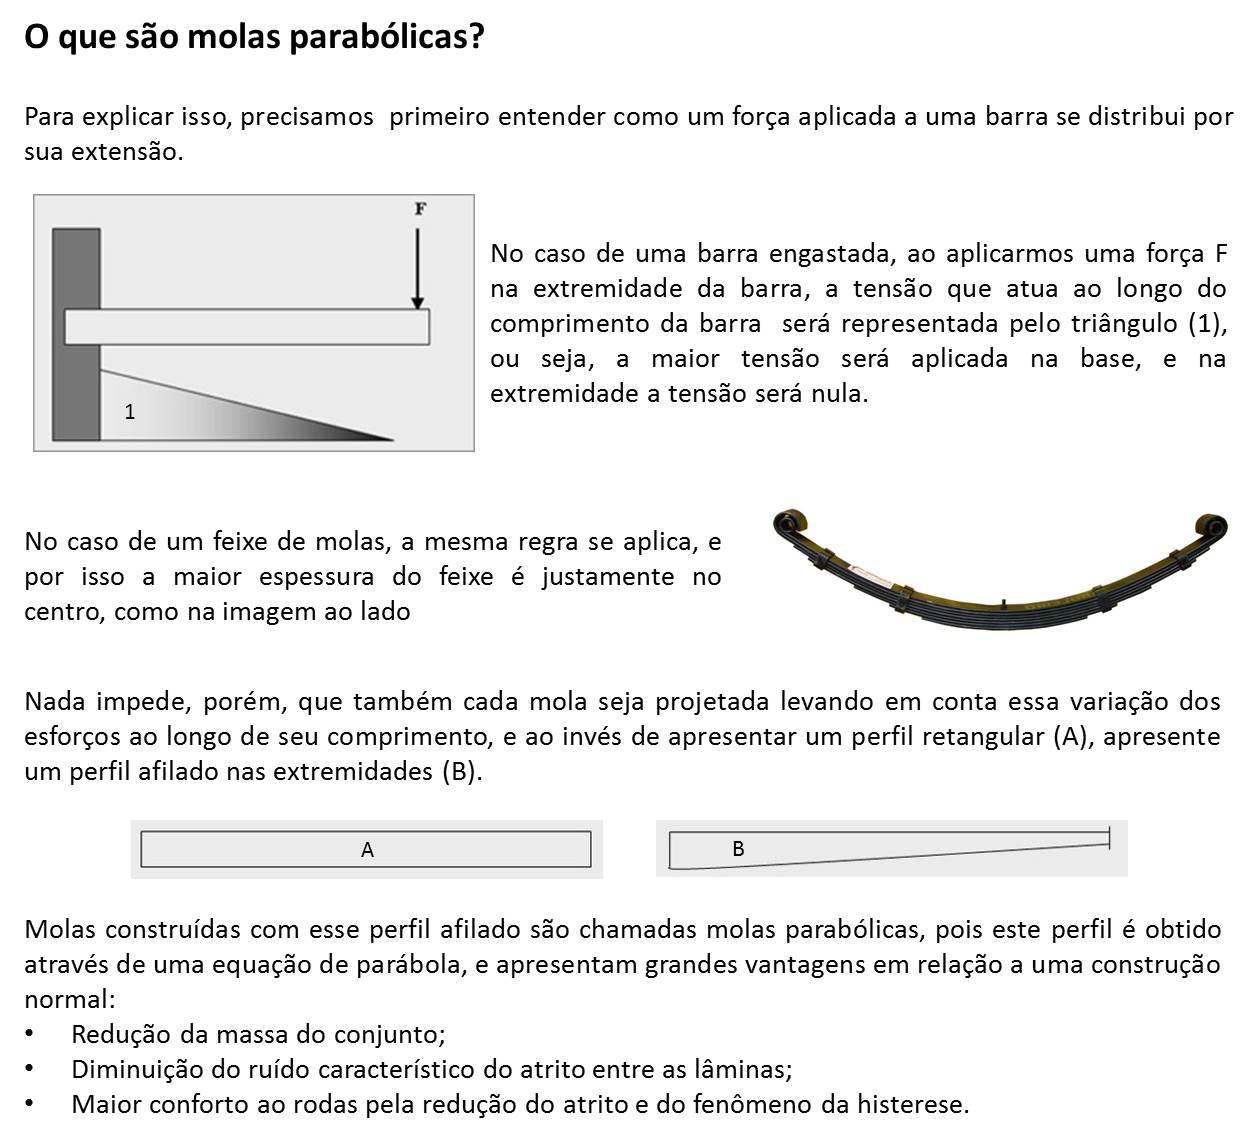 molas-parabolicas